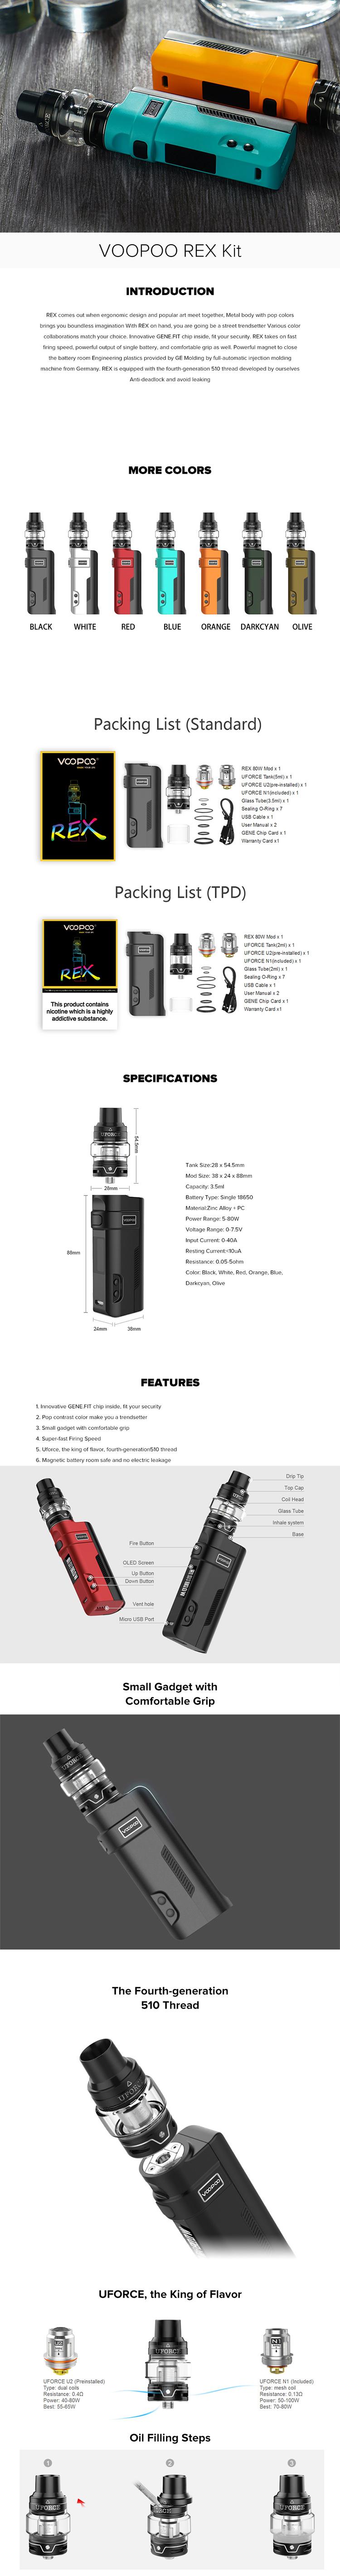 VOOPOO REX Kit